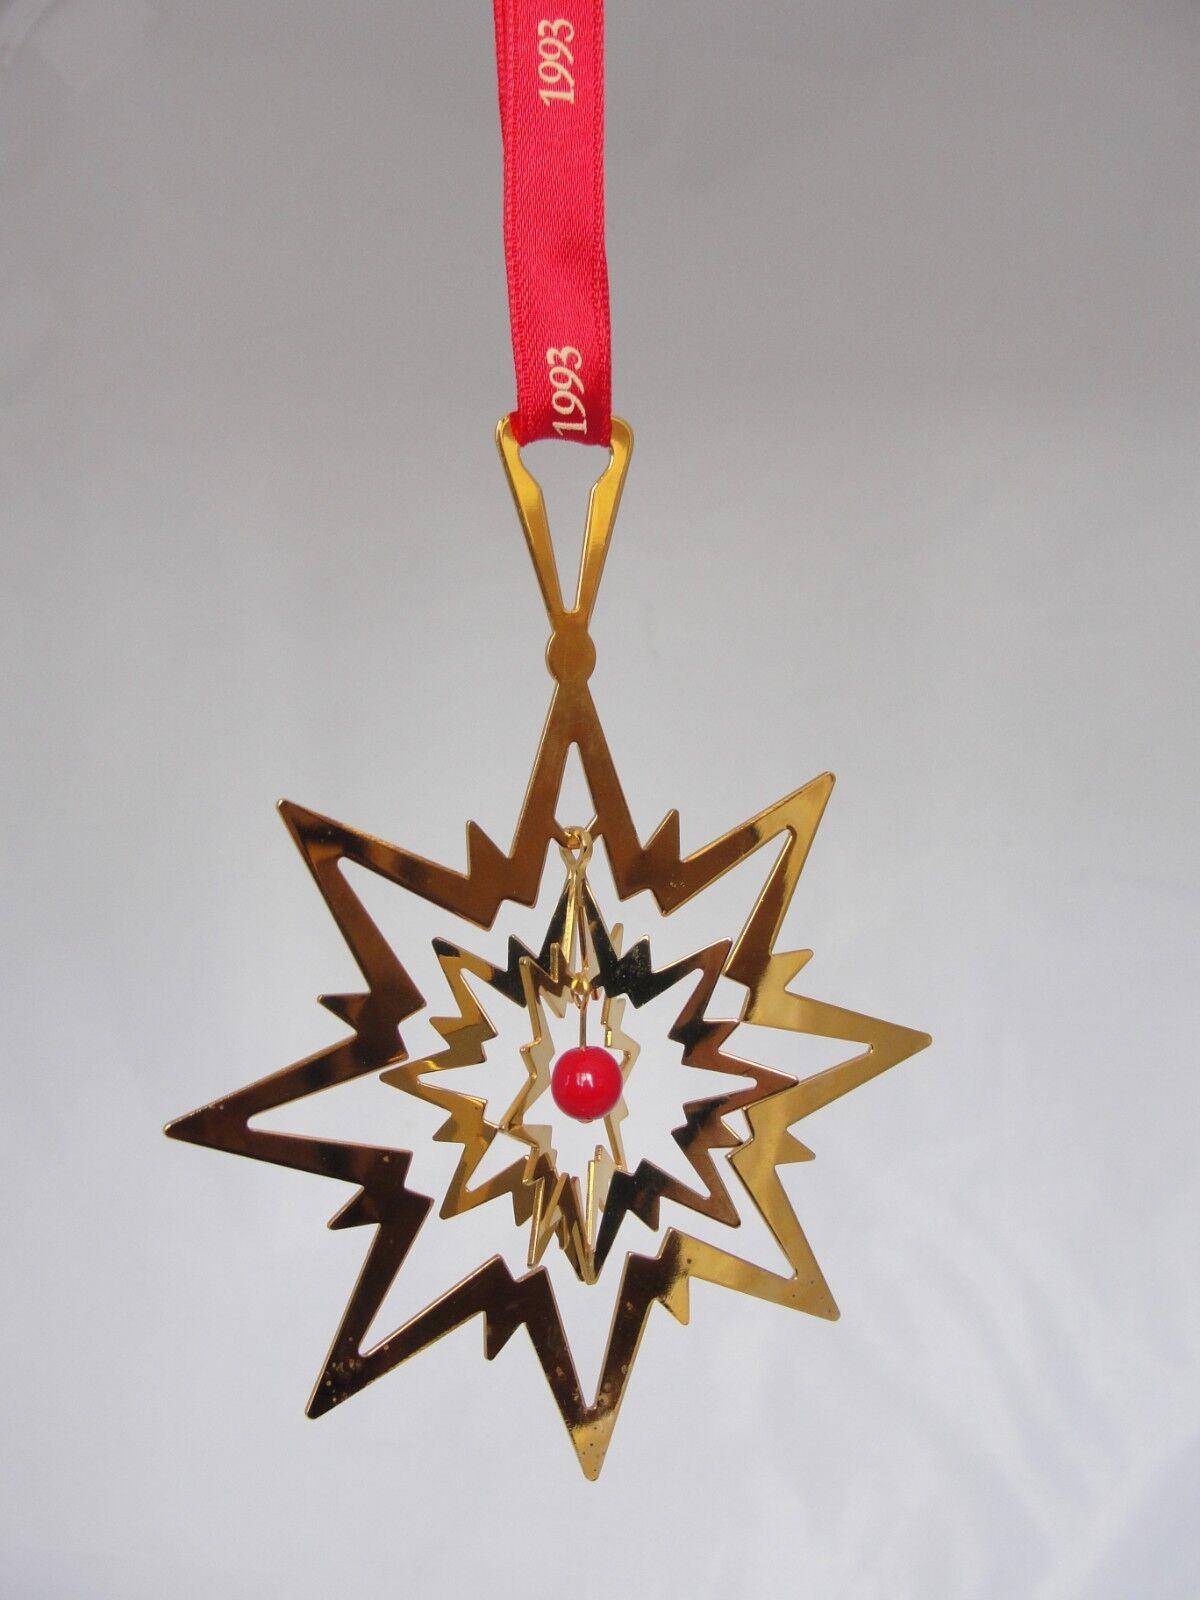 1993 Georg Jensen Decorazione Di Natale Stella mobile con perla rossa